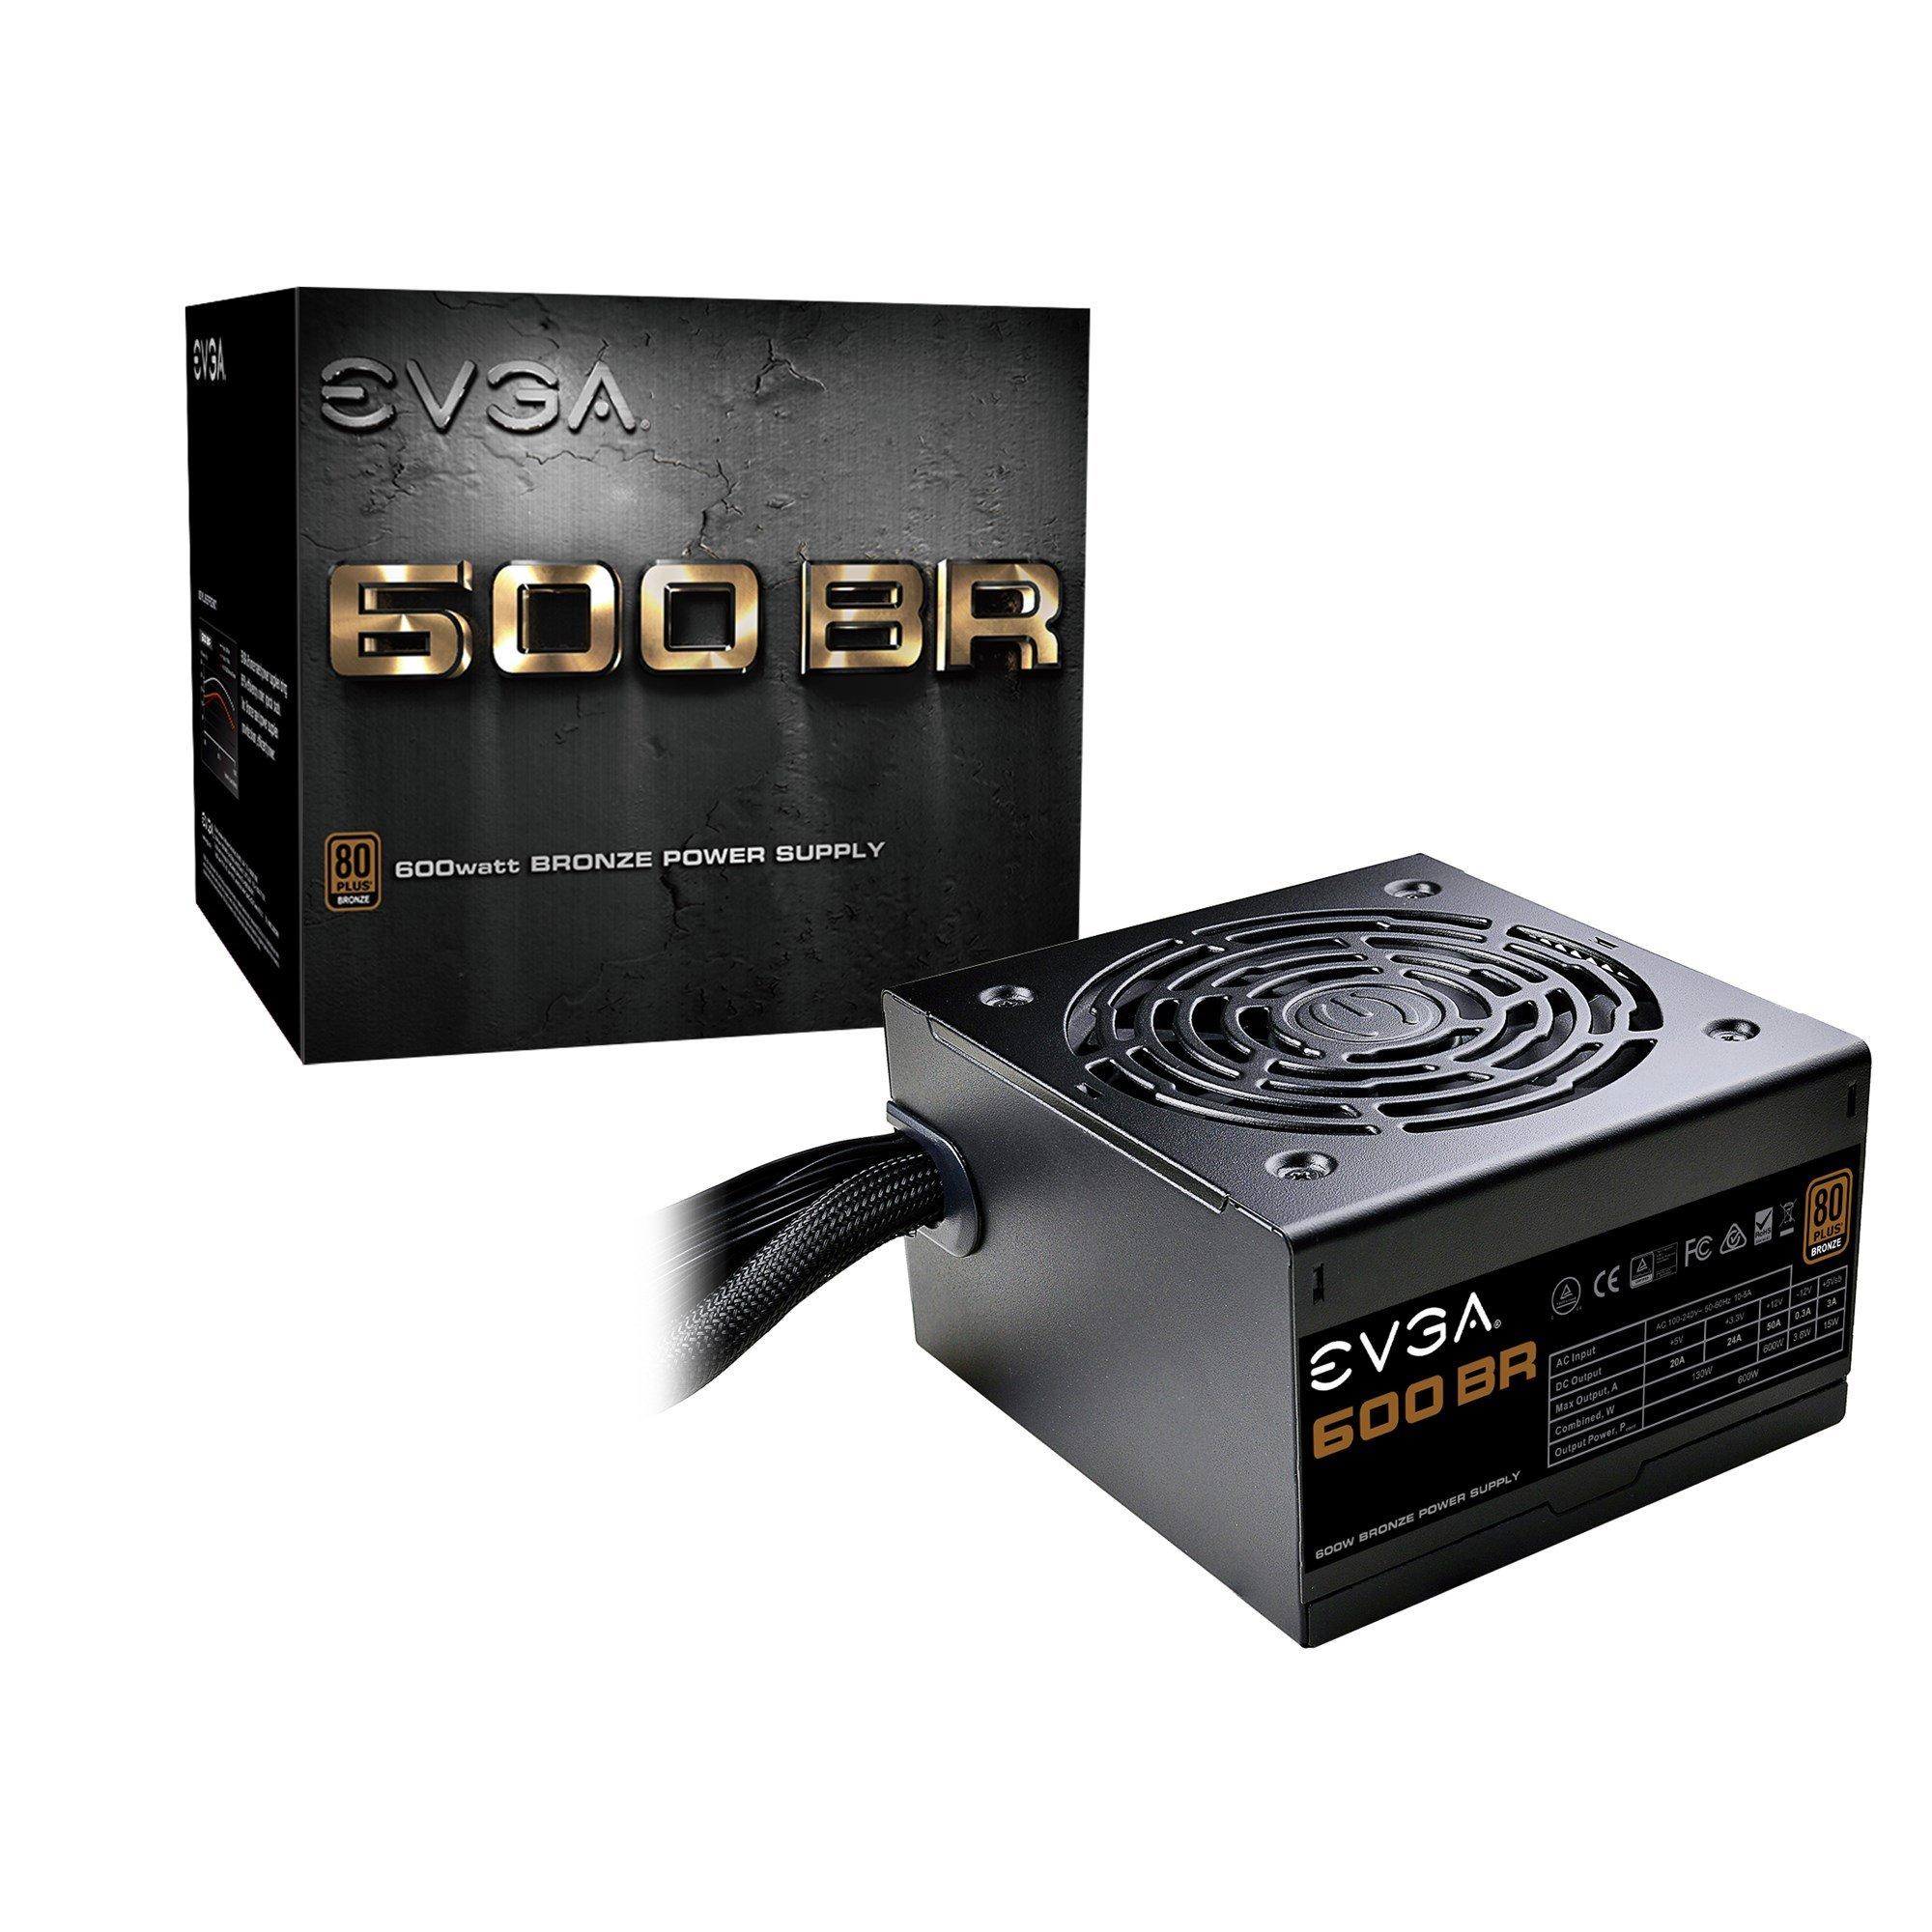 EVGA 600 BR 600W 80+ Bronze PSU - £50.82 @ CCL Online